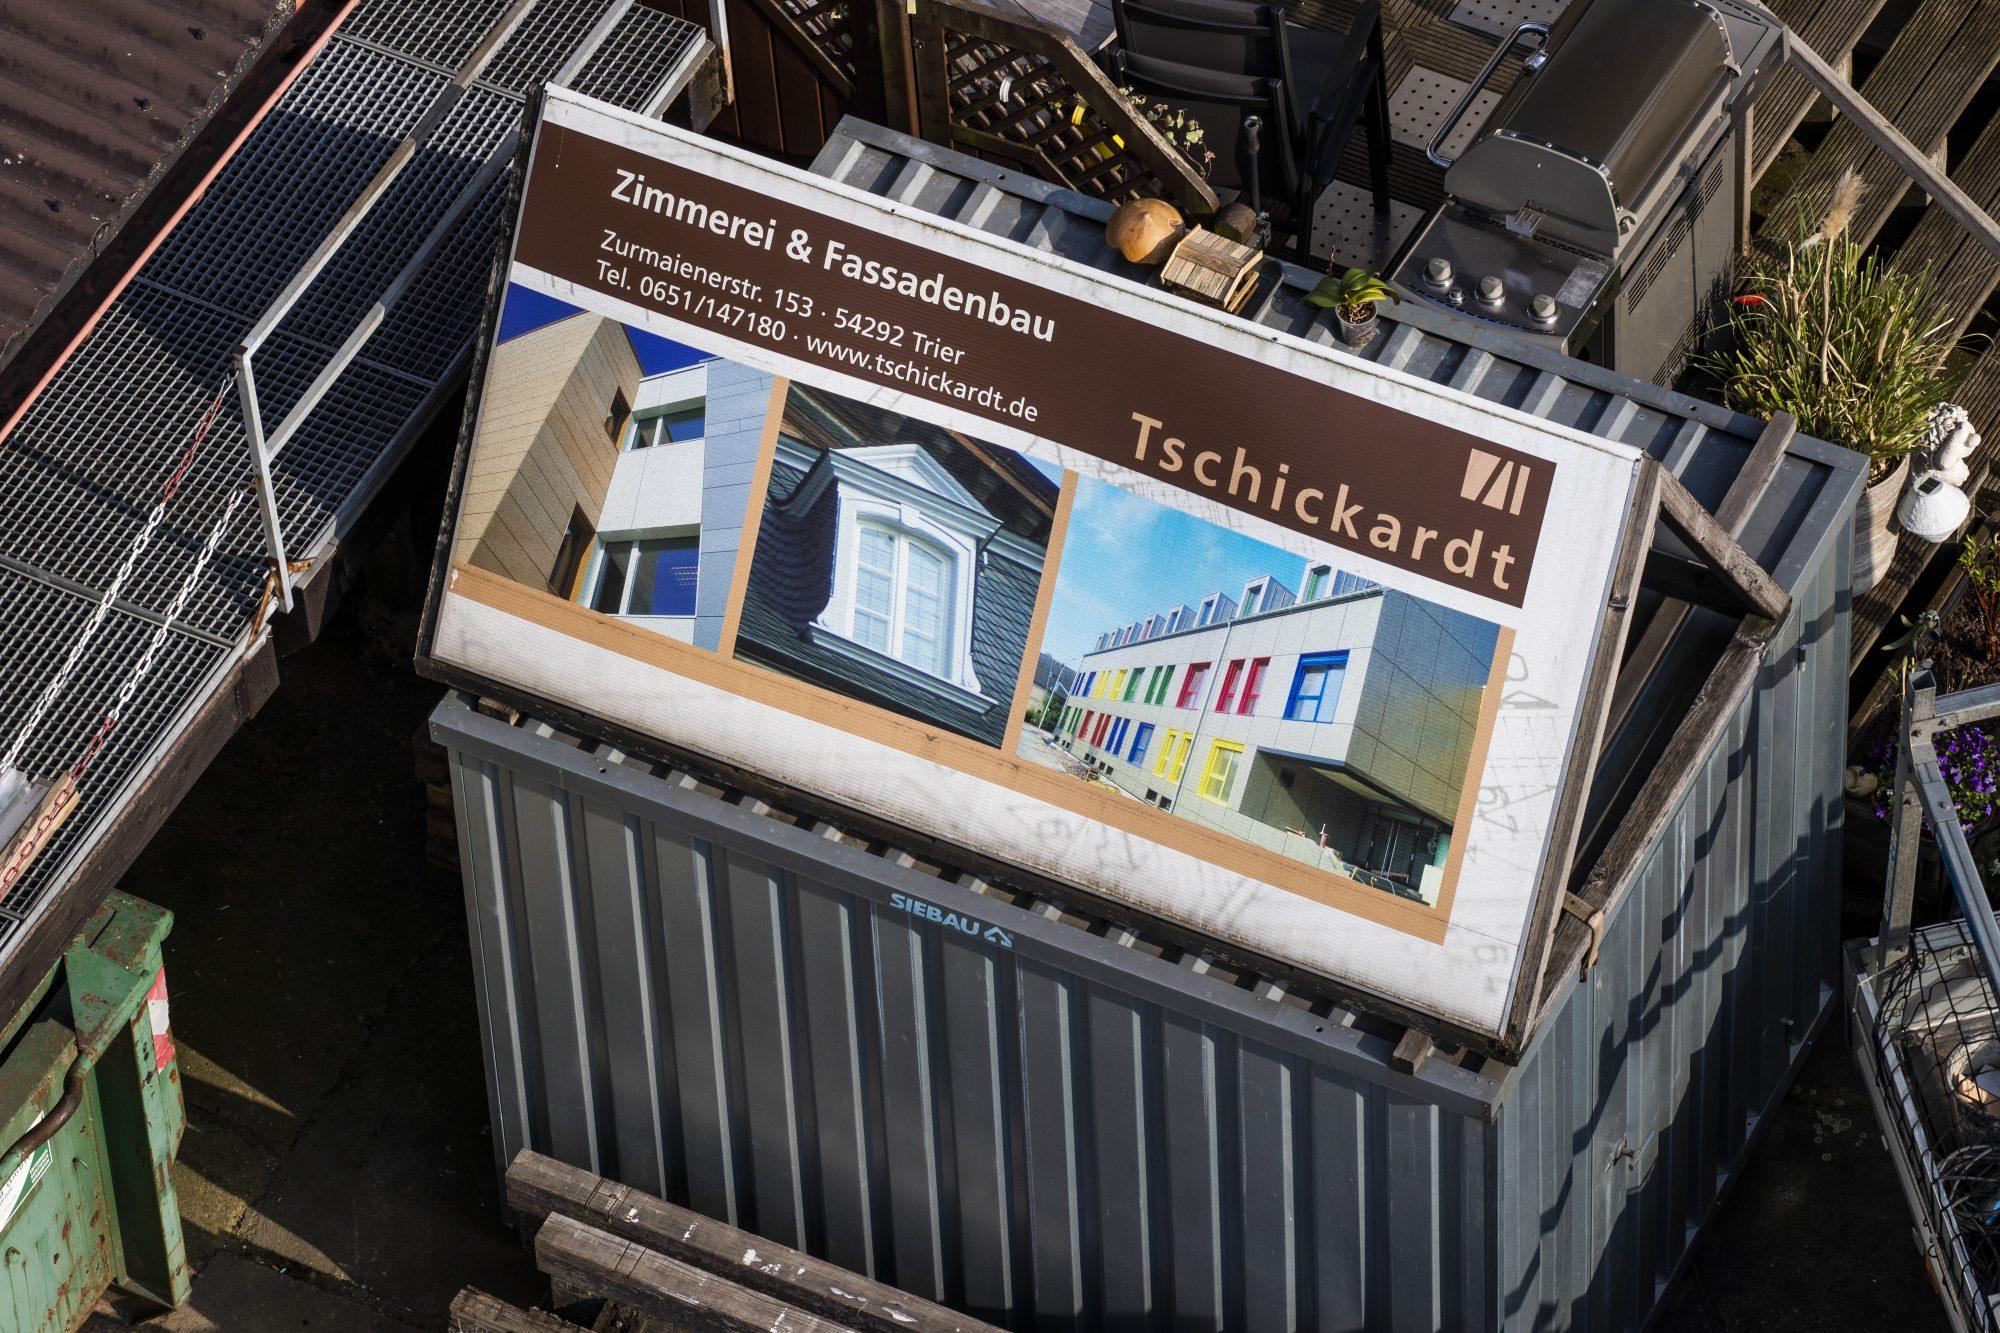 Zimmerei Tschickardt Firmengebäude aus der Vogelperspektive